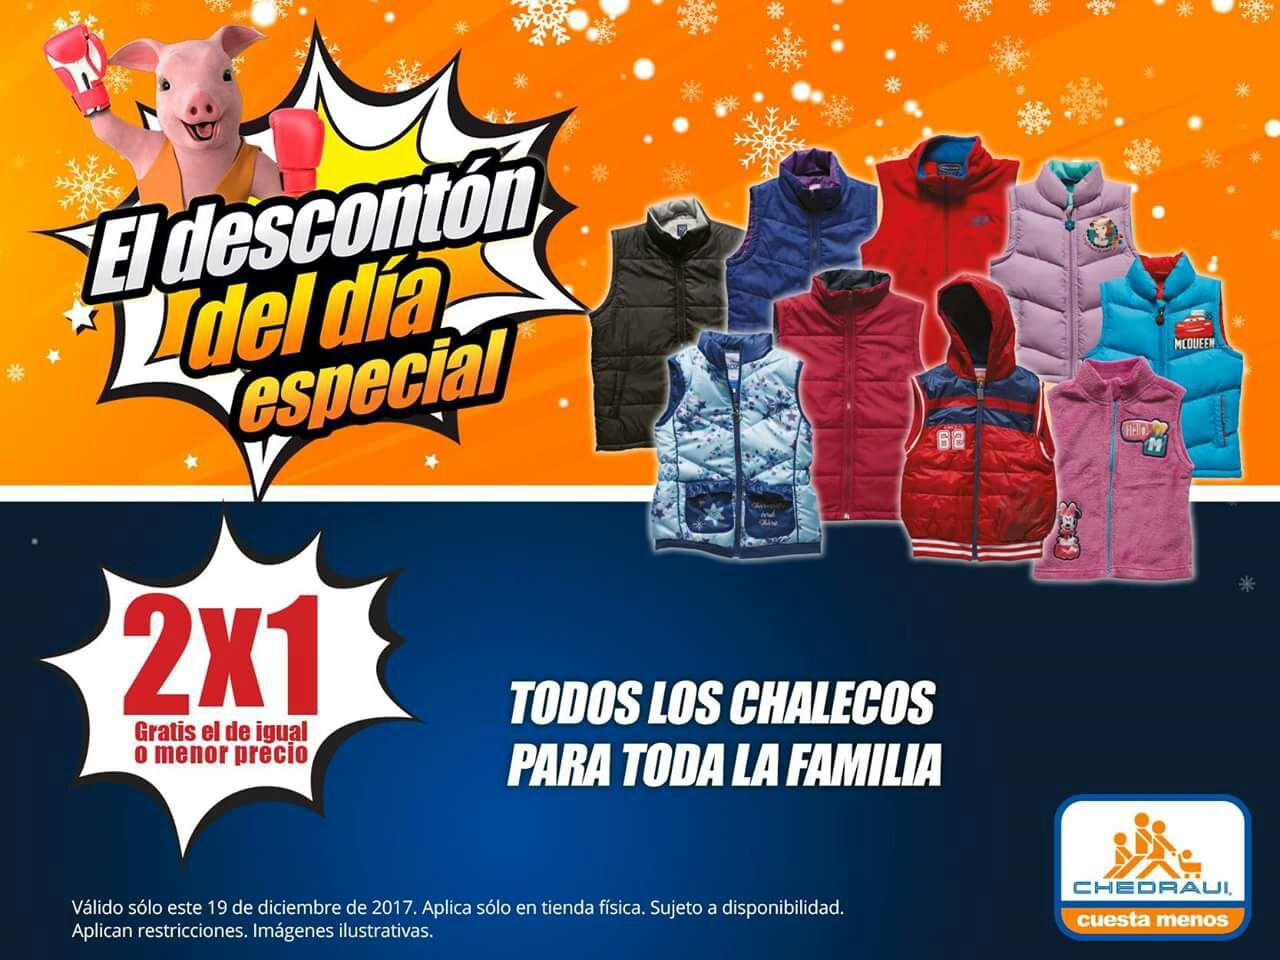 Chedraui: Descontón del Día 19 Diciembre: 2 x 1 en todos los chalecos para toda la familia